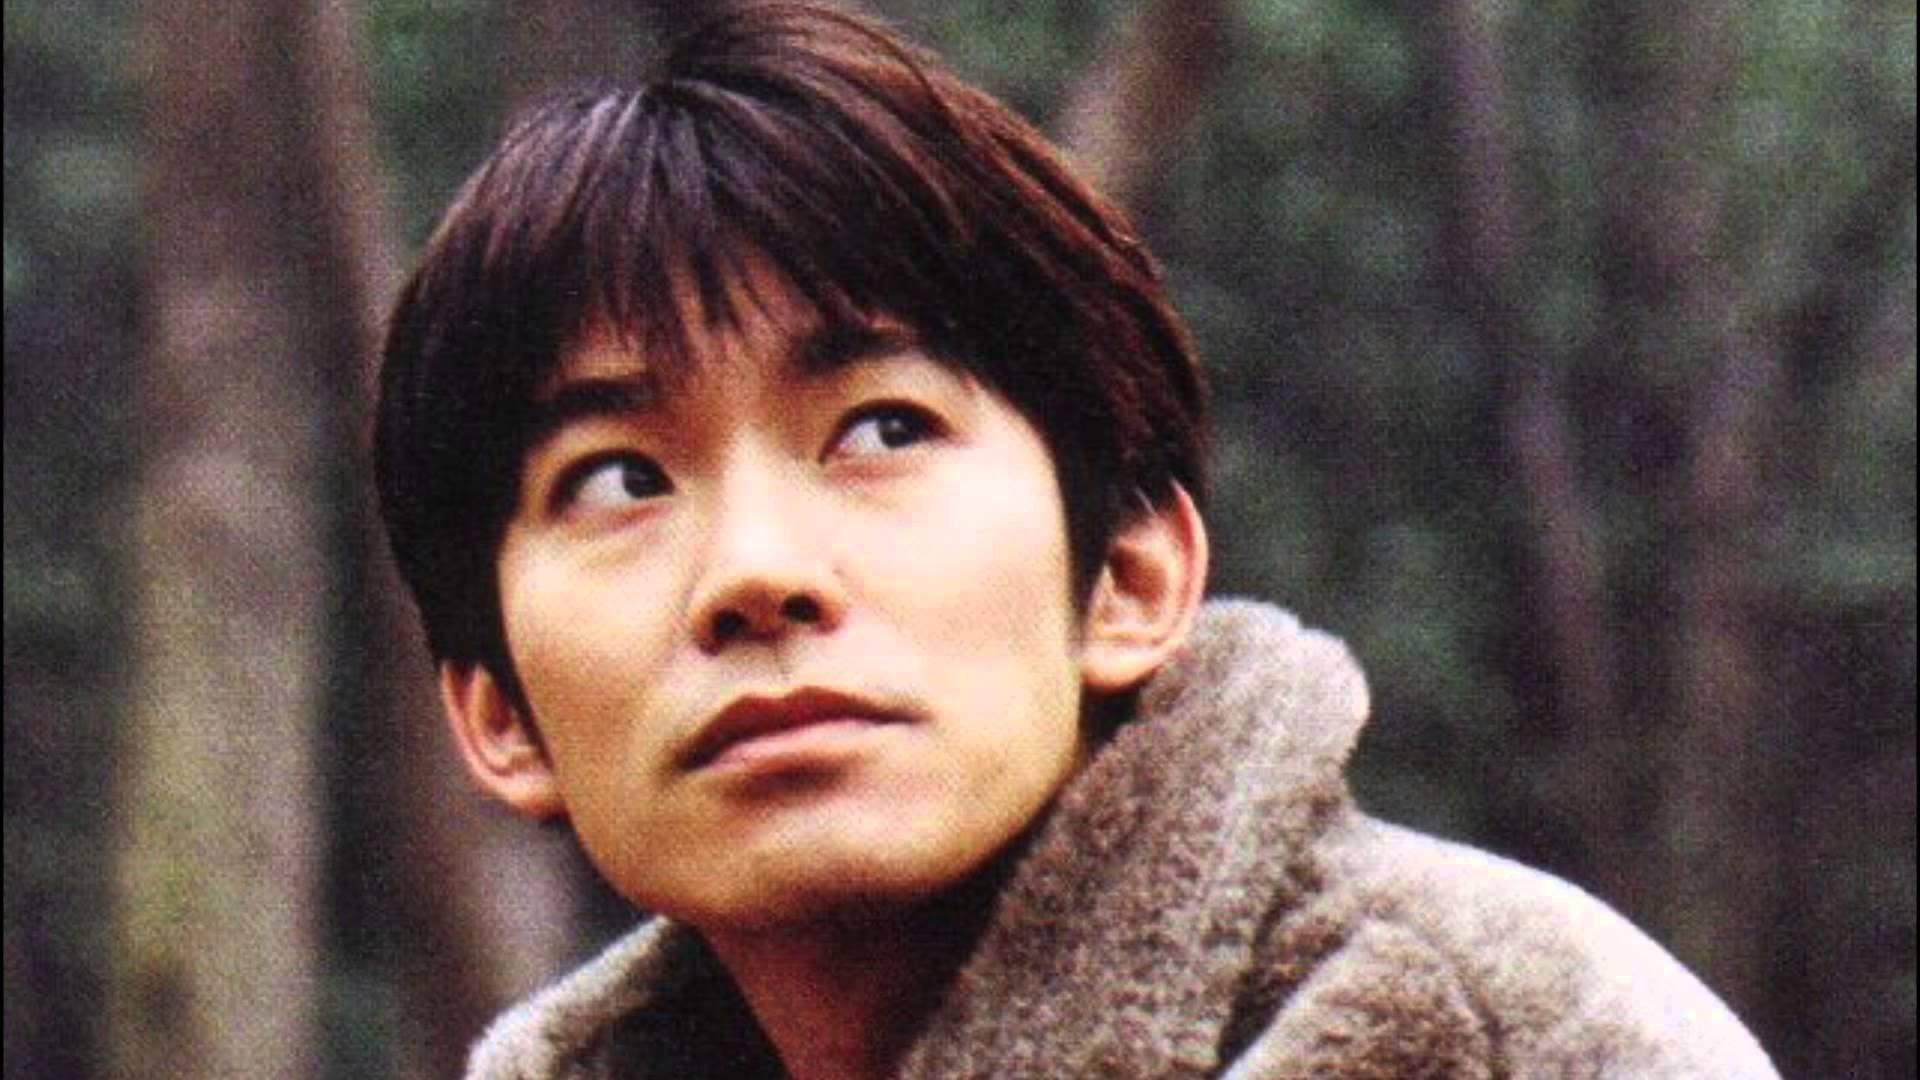 maxresdefault 53 - スピッツの草野正宗のストーカー橋浦麻美子とはどんな人物?